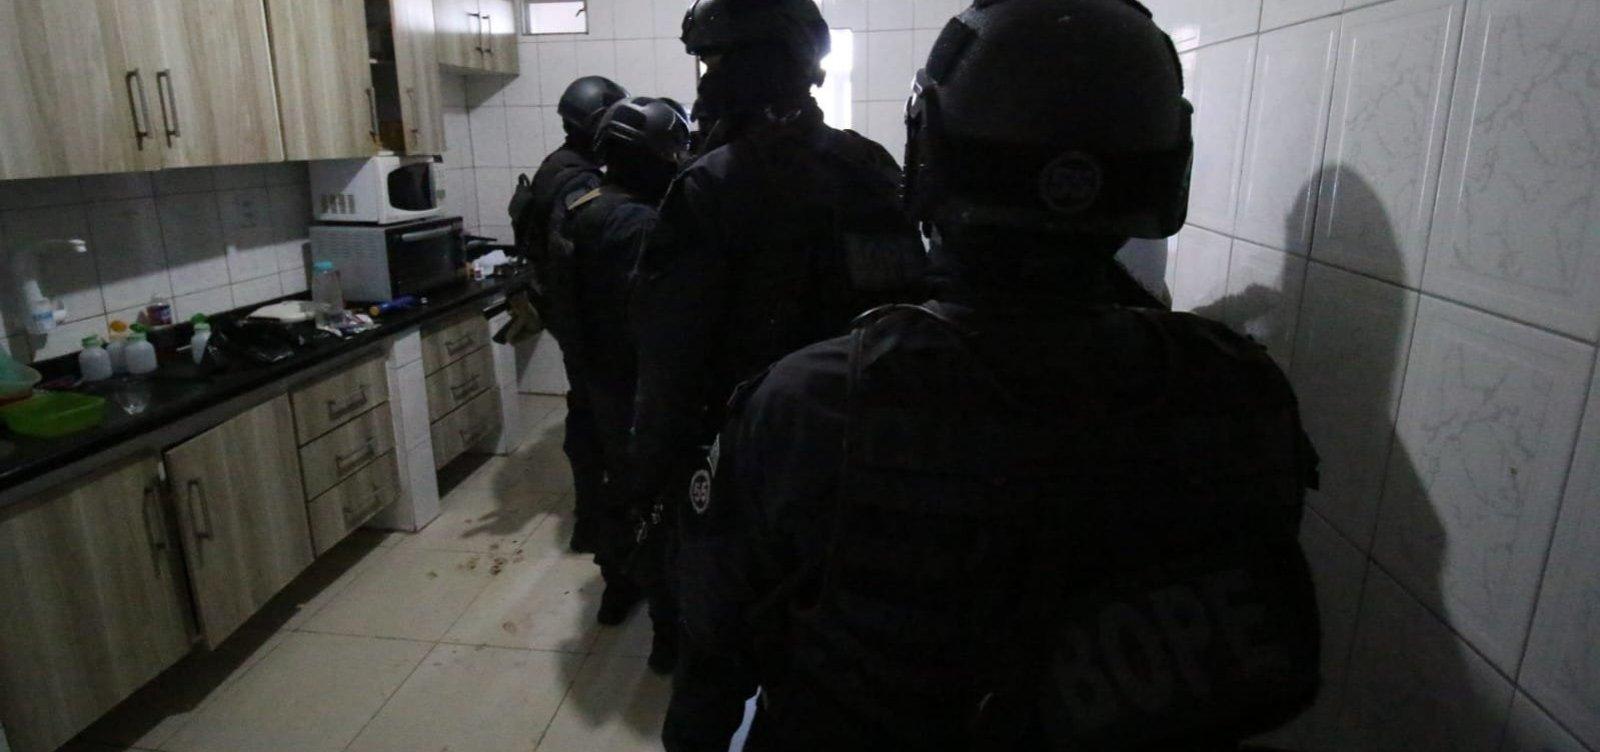 Após 3h30 de negociações, Bope libera mulher feita refém por ex-marido em Sussuarana; homem é preso